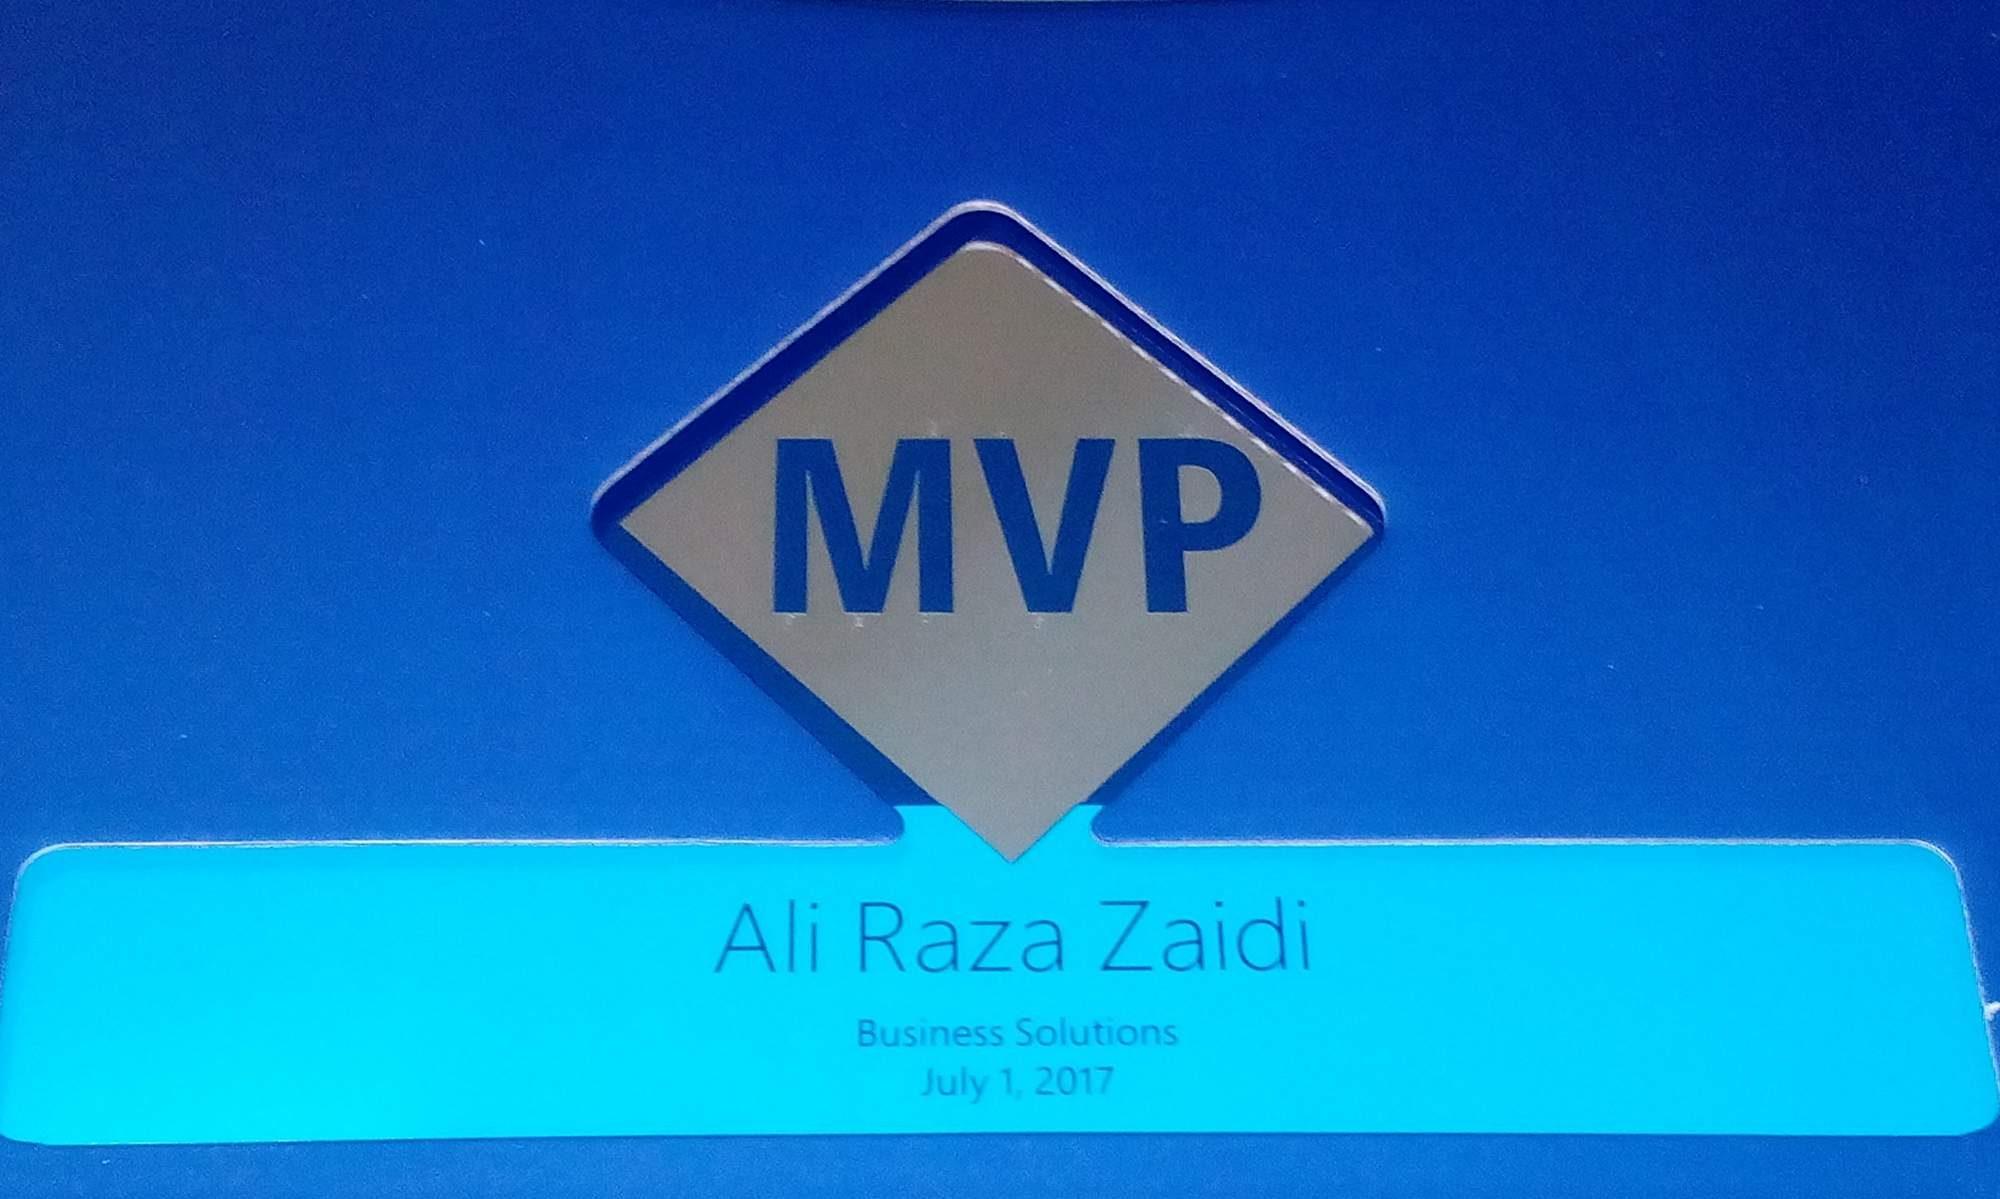 Ali Raza Zaidi